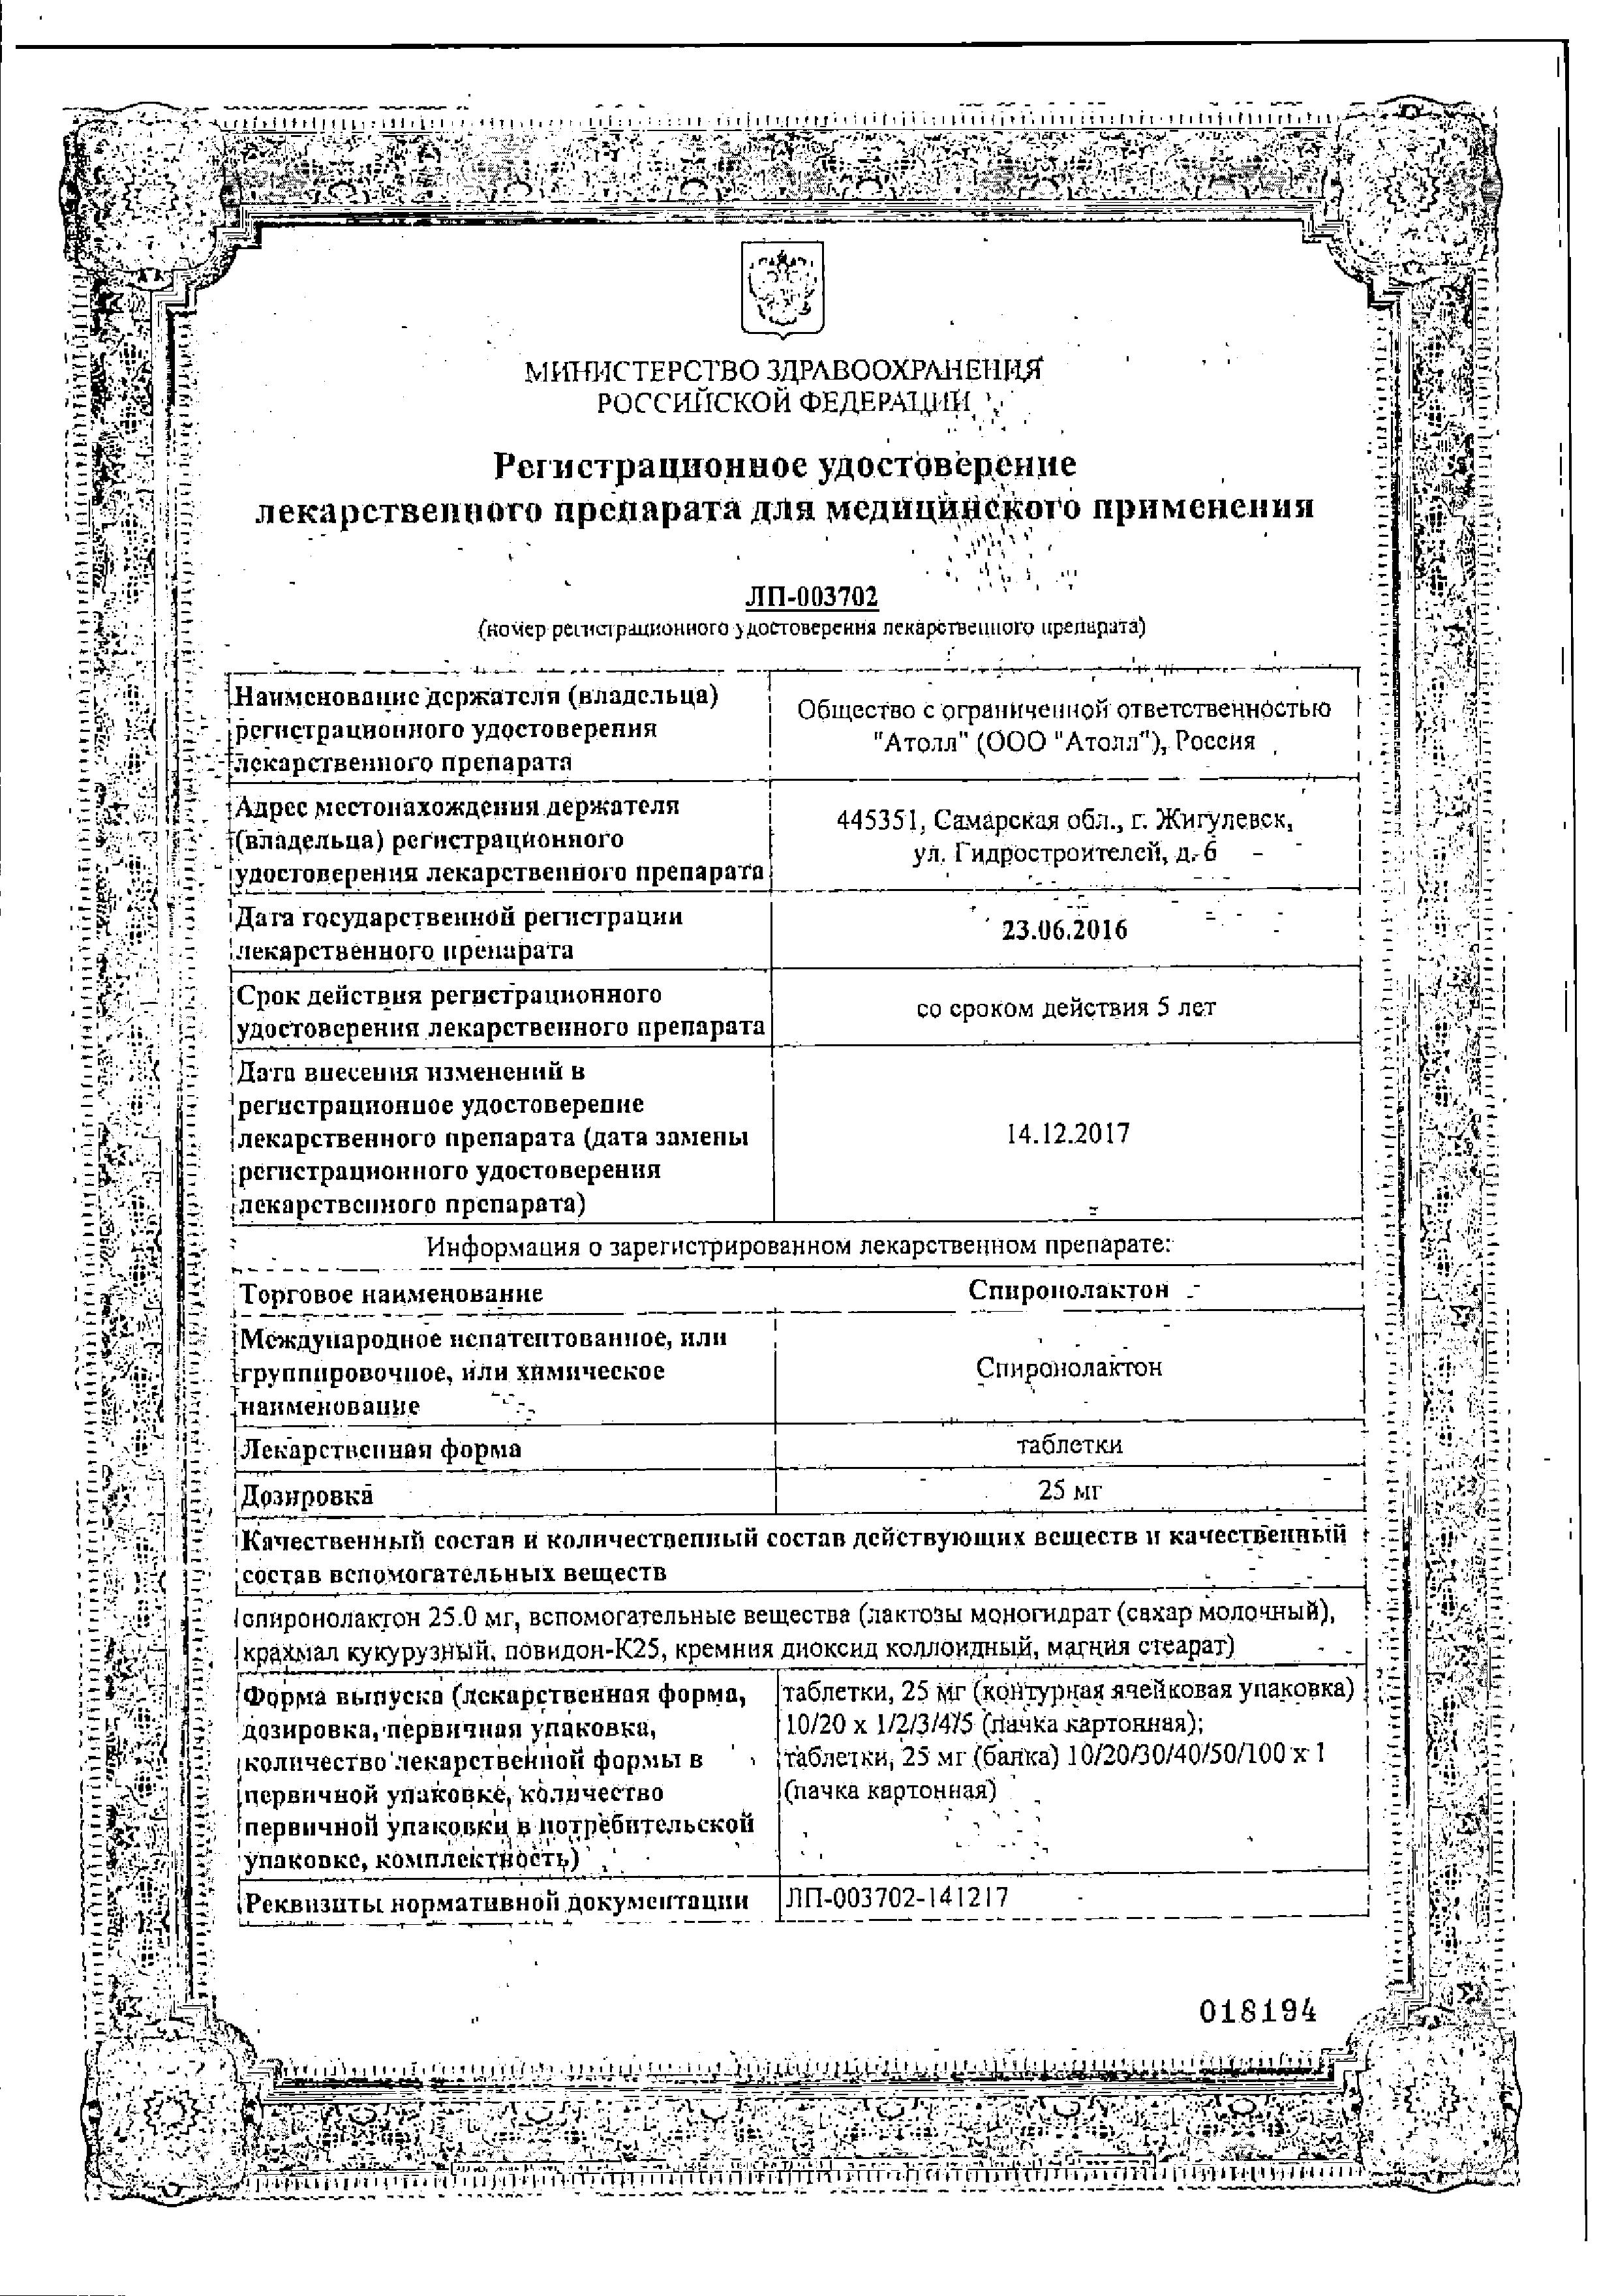 Спиронолактон сертификат